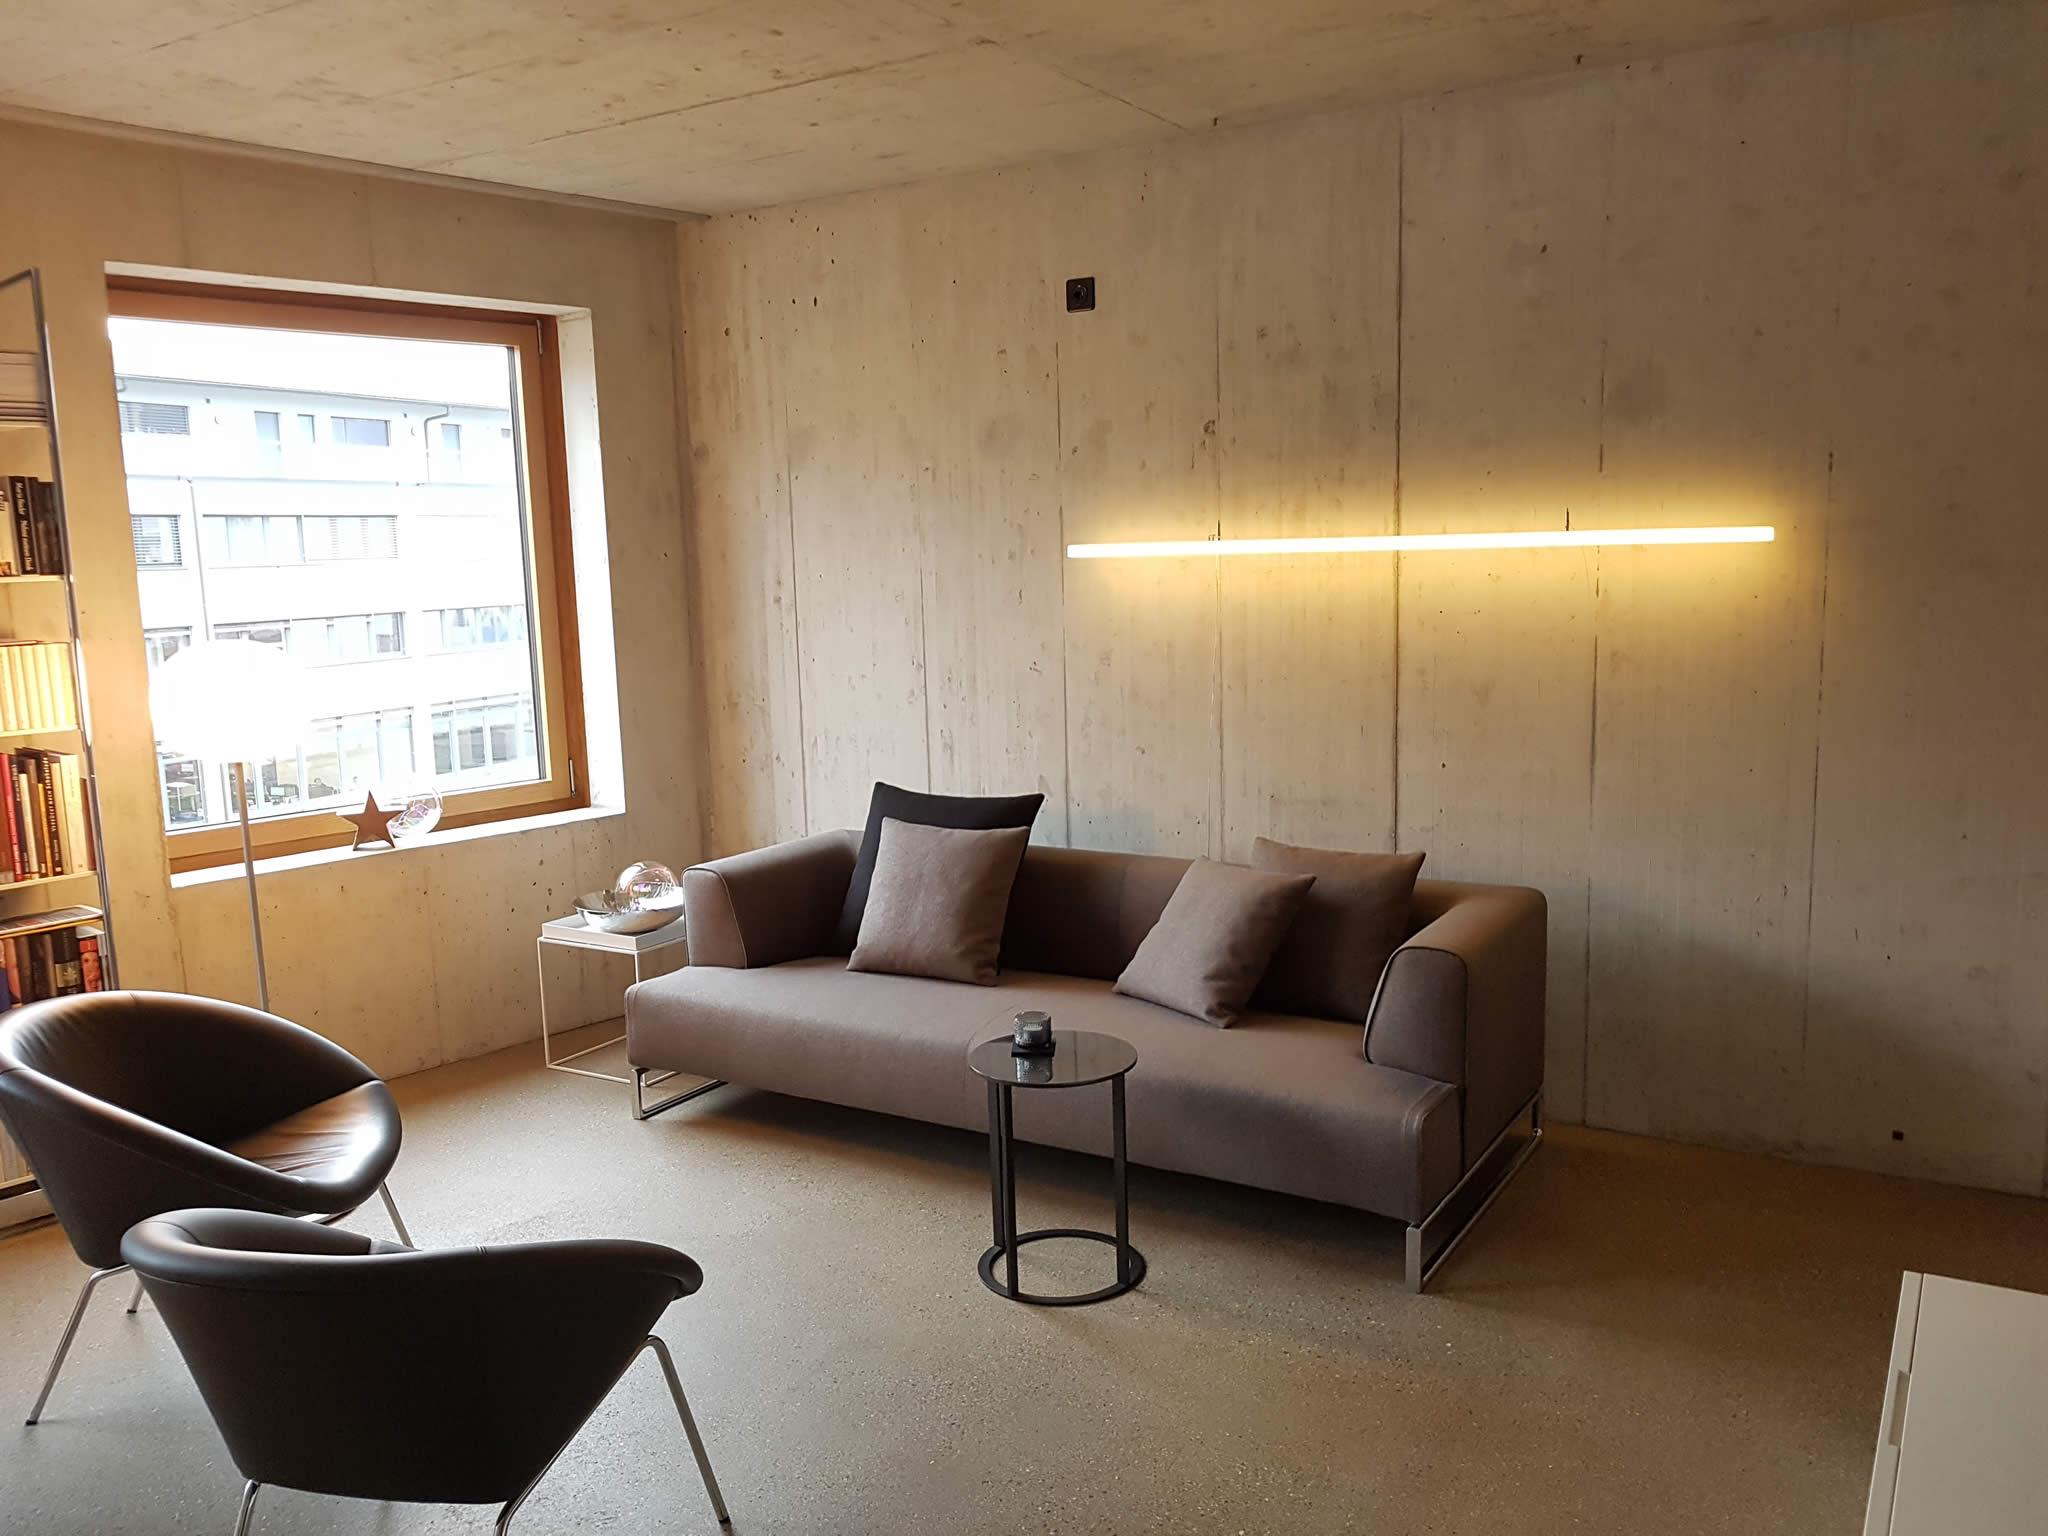 The Line LED-Designer-Lampe von Leuchtstoff in einem Wohnzimmer über dem Sofa im Kanton Solothurn/Schweiz